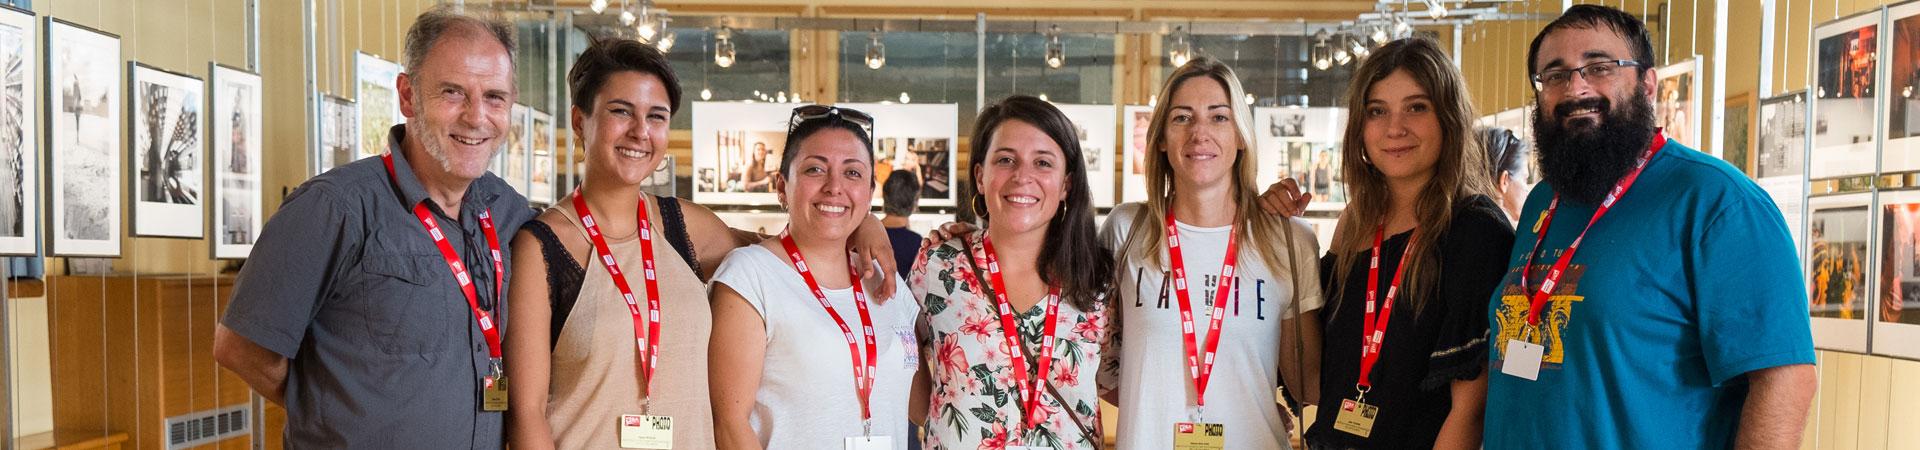 Participantes del Campus Internacional de Escuelas de Fotografía del Festival Visa pour l'Image 2018